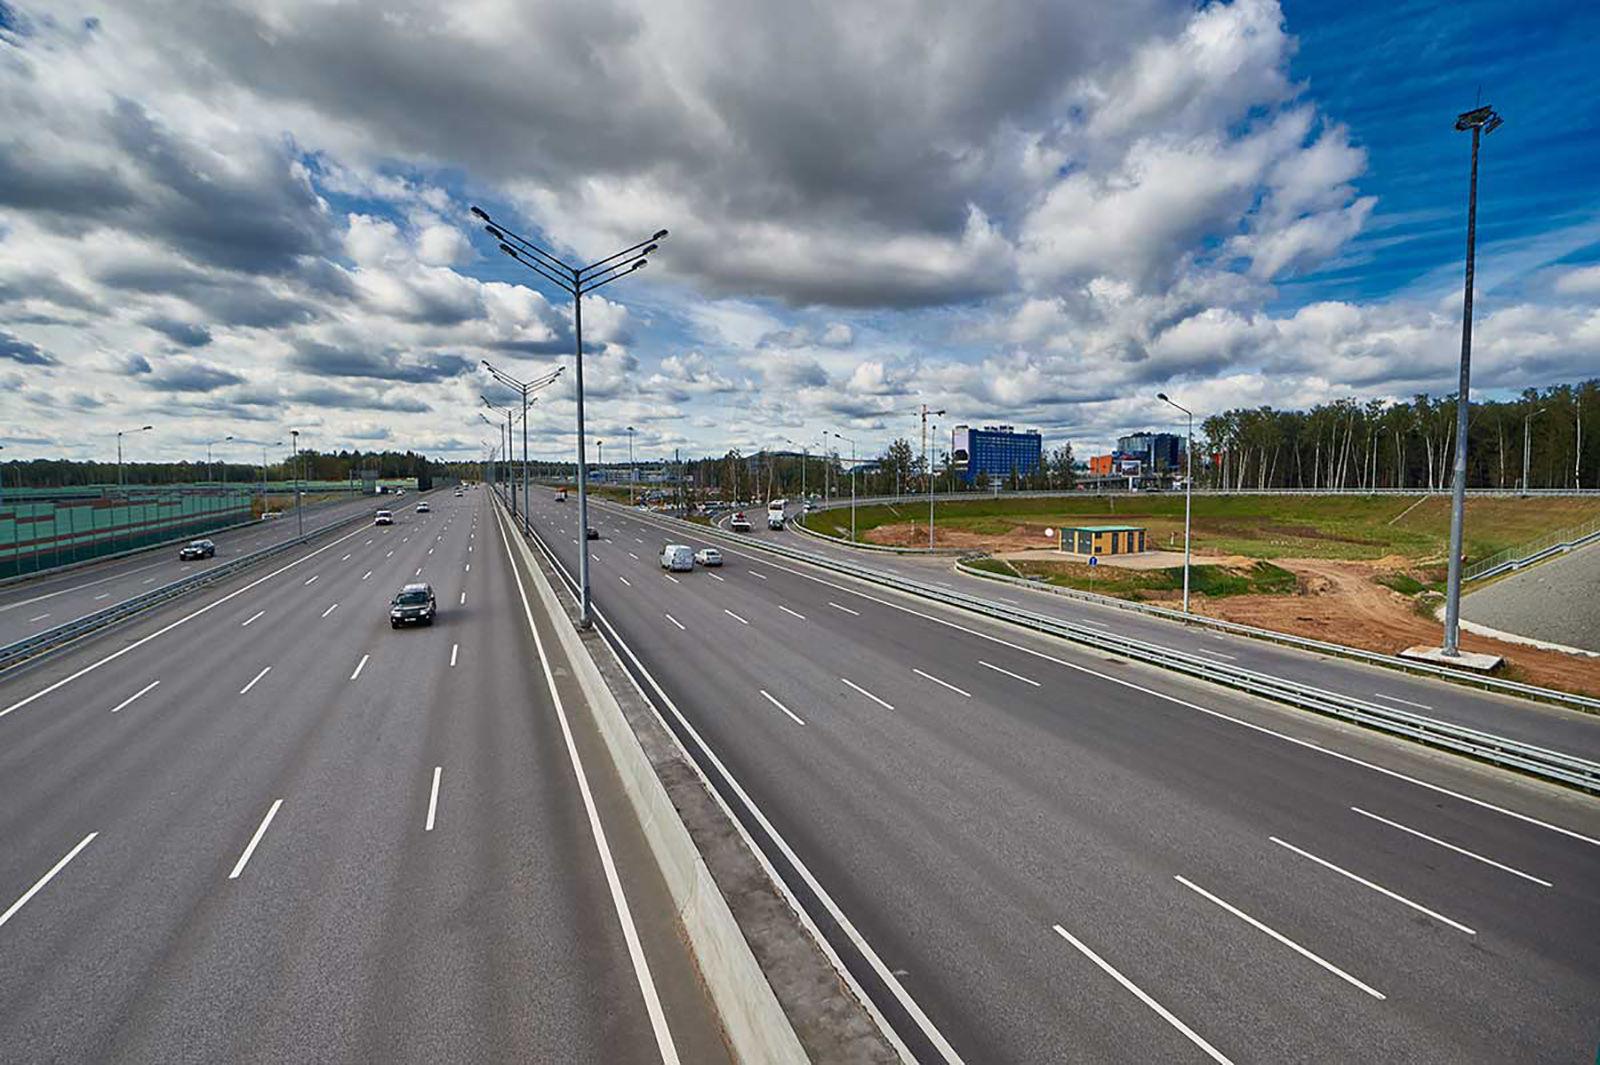 В Тверской области проходит Всероссийское командно-штабное учение на объектах транспортной инфраструктуры